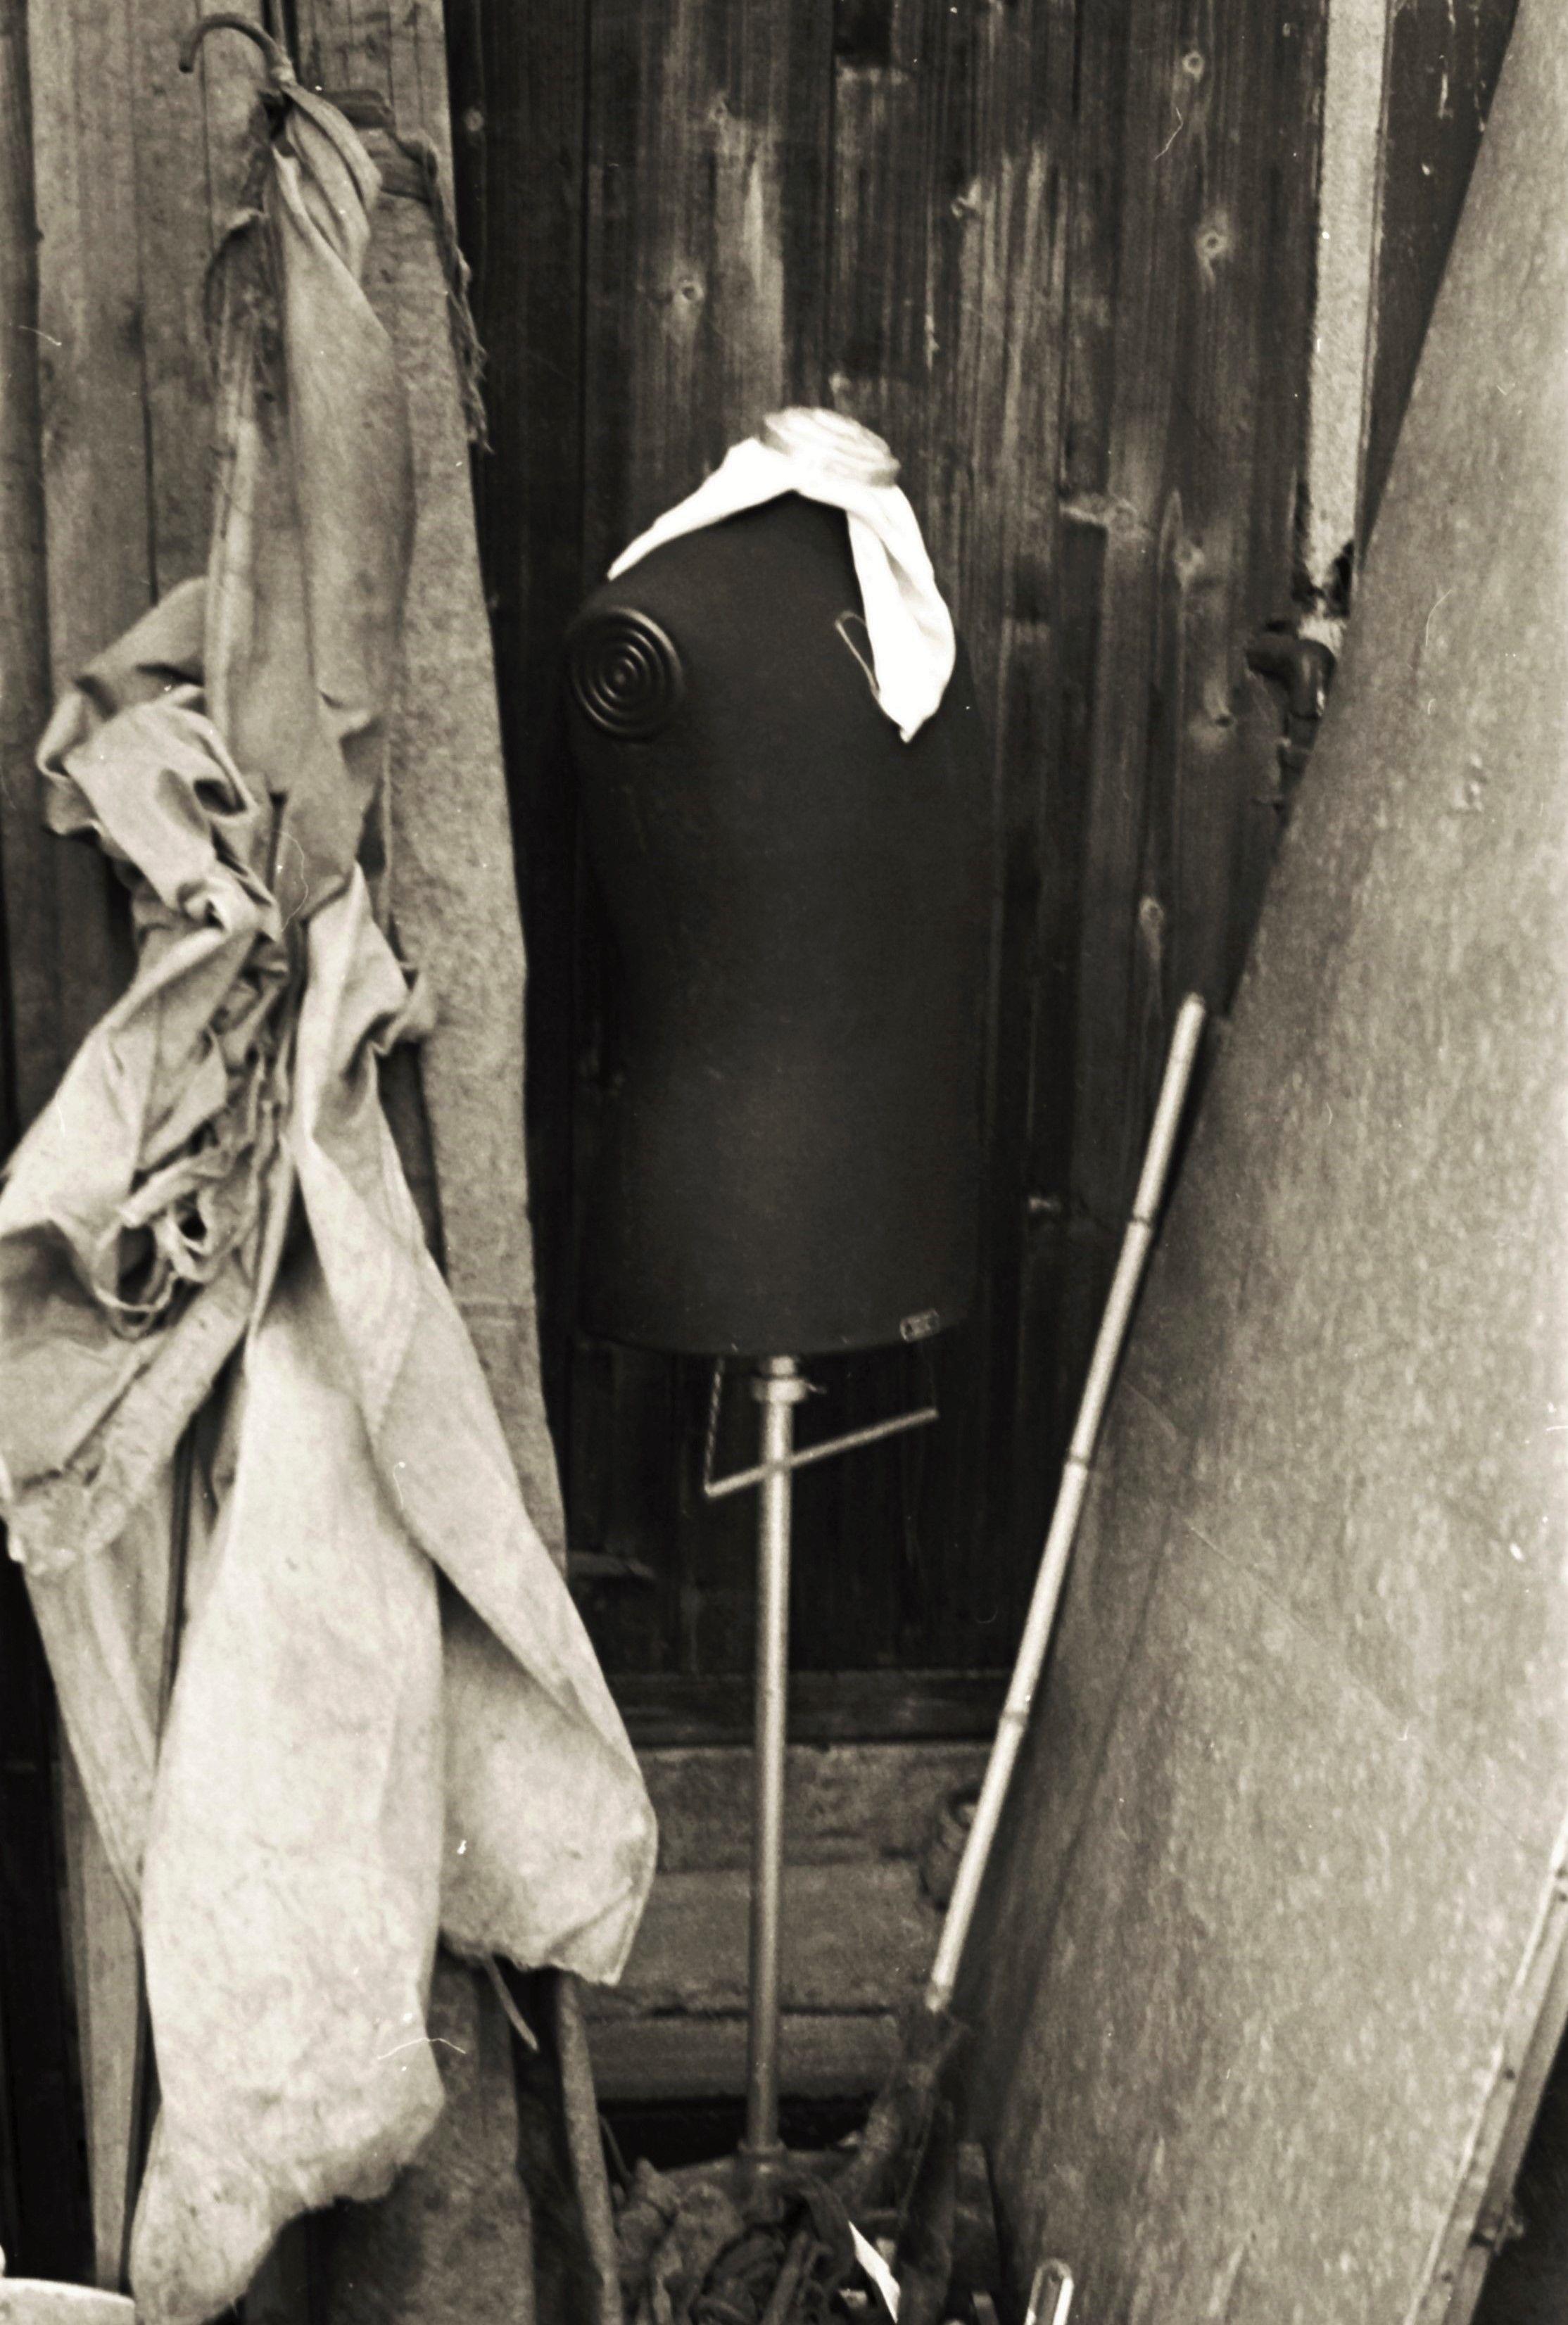 山本悍右 Kansuke Yamamoto 1955. ©Toshio Yamamoto.